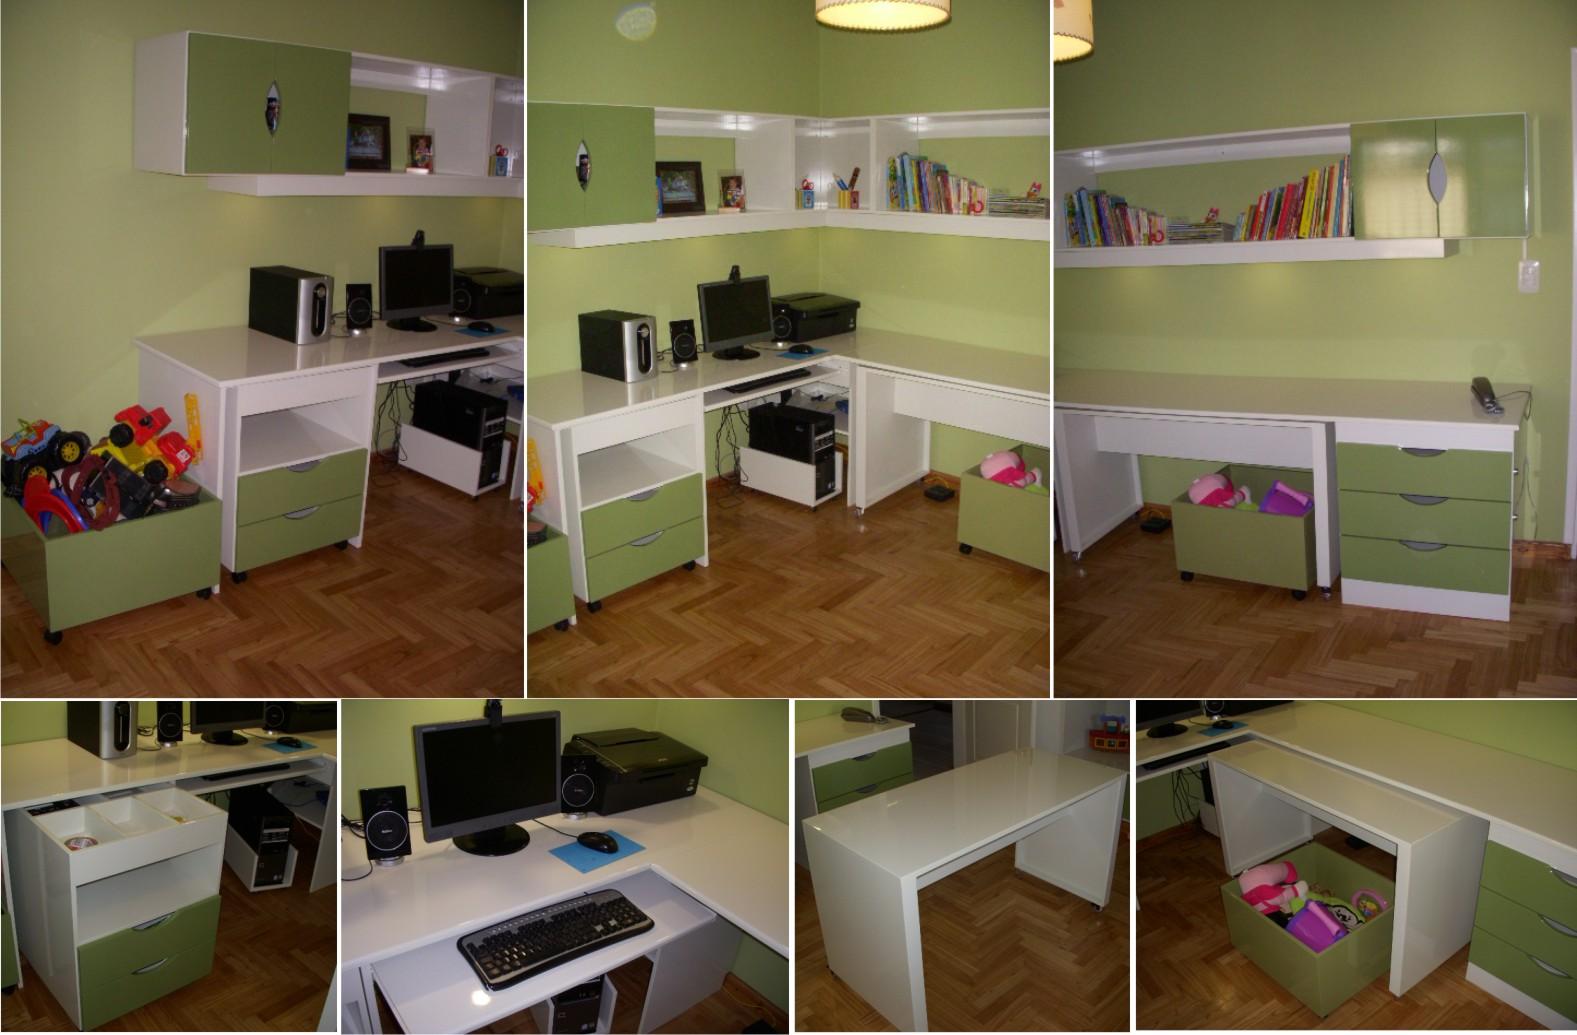 sala de juego y estudio con escritorio esquinero mesas extaribles cajoneras cubos de guardado estantes y espacios cerrados laqueado en blanco y verde